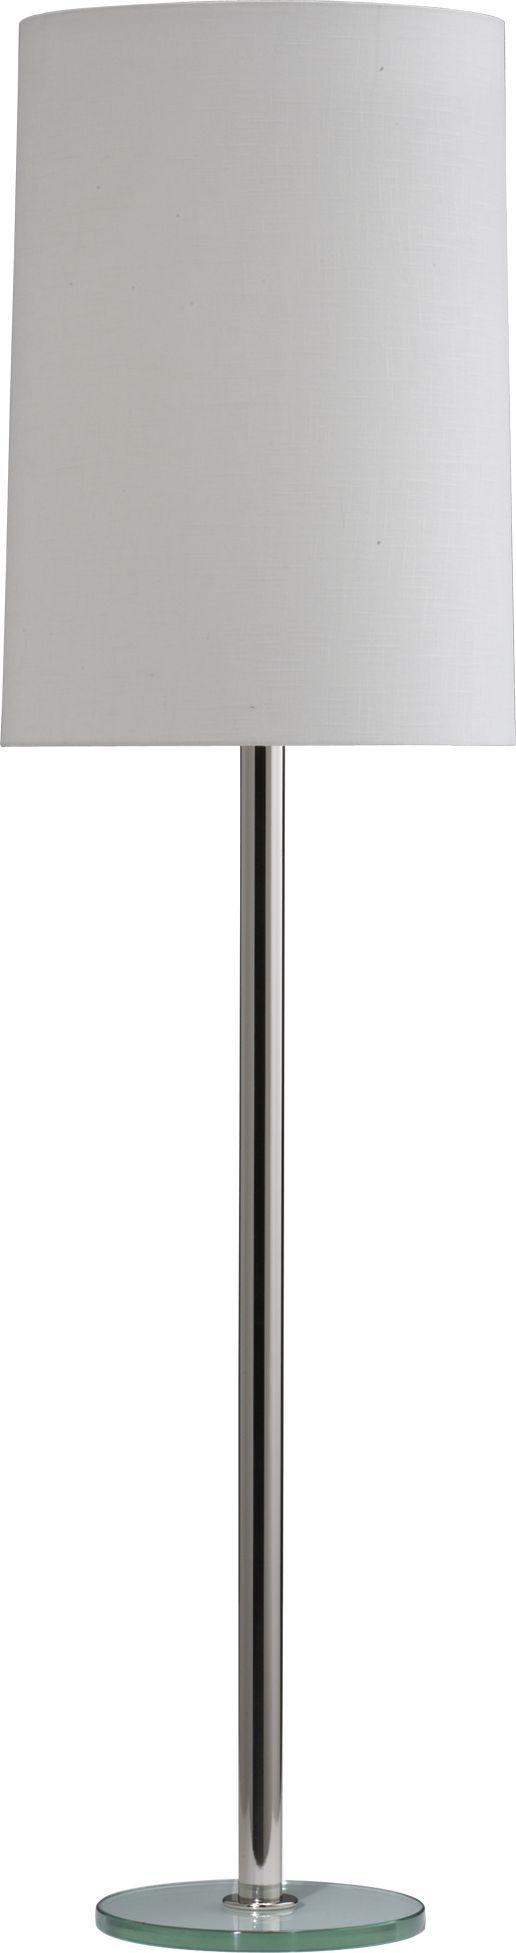 Oversized Floor Lamp 70 Best Lighting  Stage Me Images On Pinterest  Modern Lighting